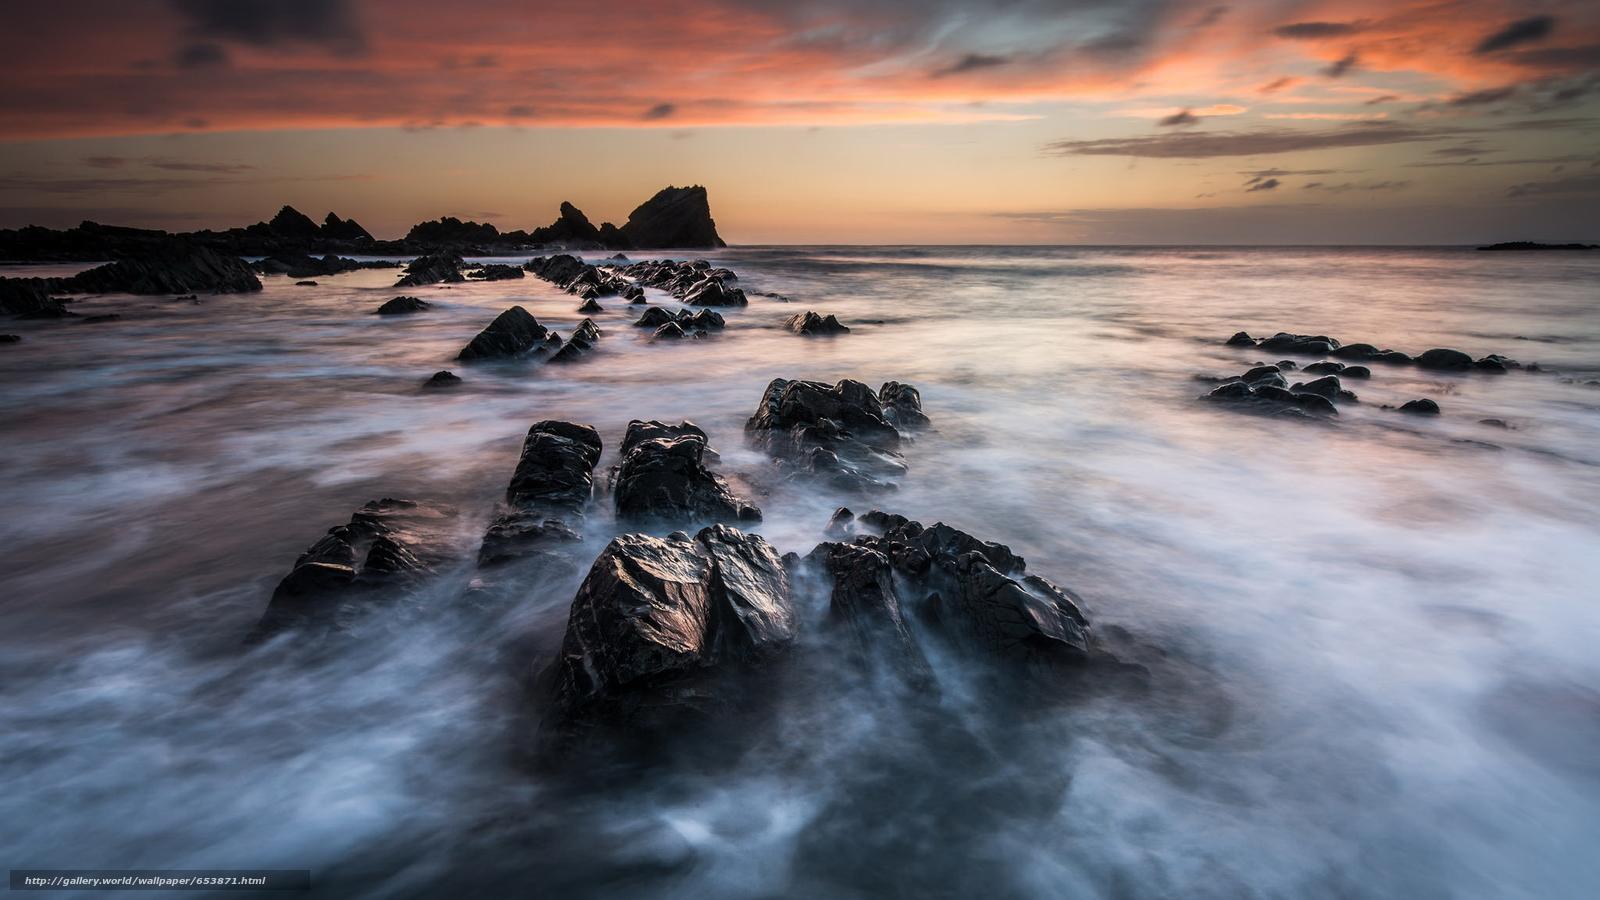 Скачать обои море,  океан,  водоем,  камни бесплатно для рабочего стола в разрешении 2048x1152 — картинка №653871